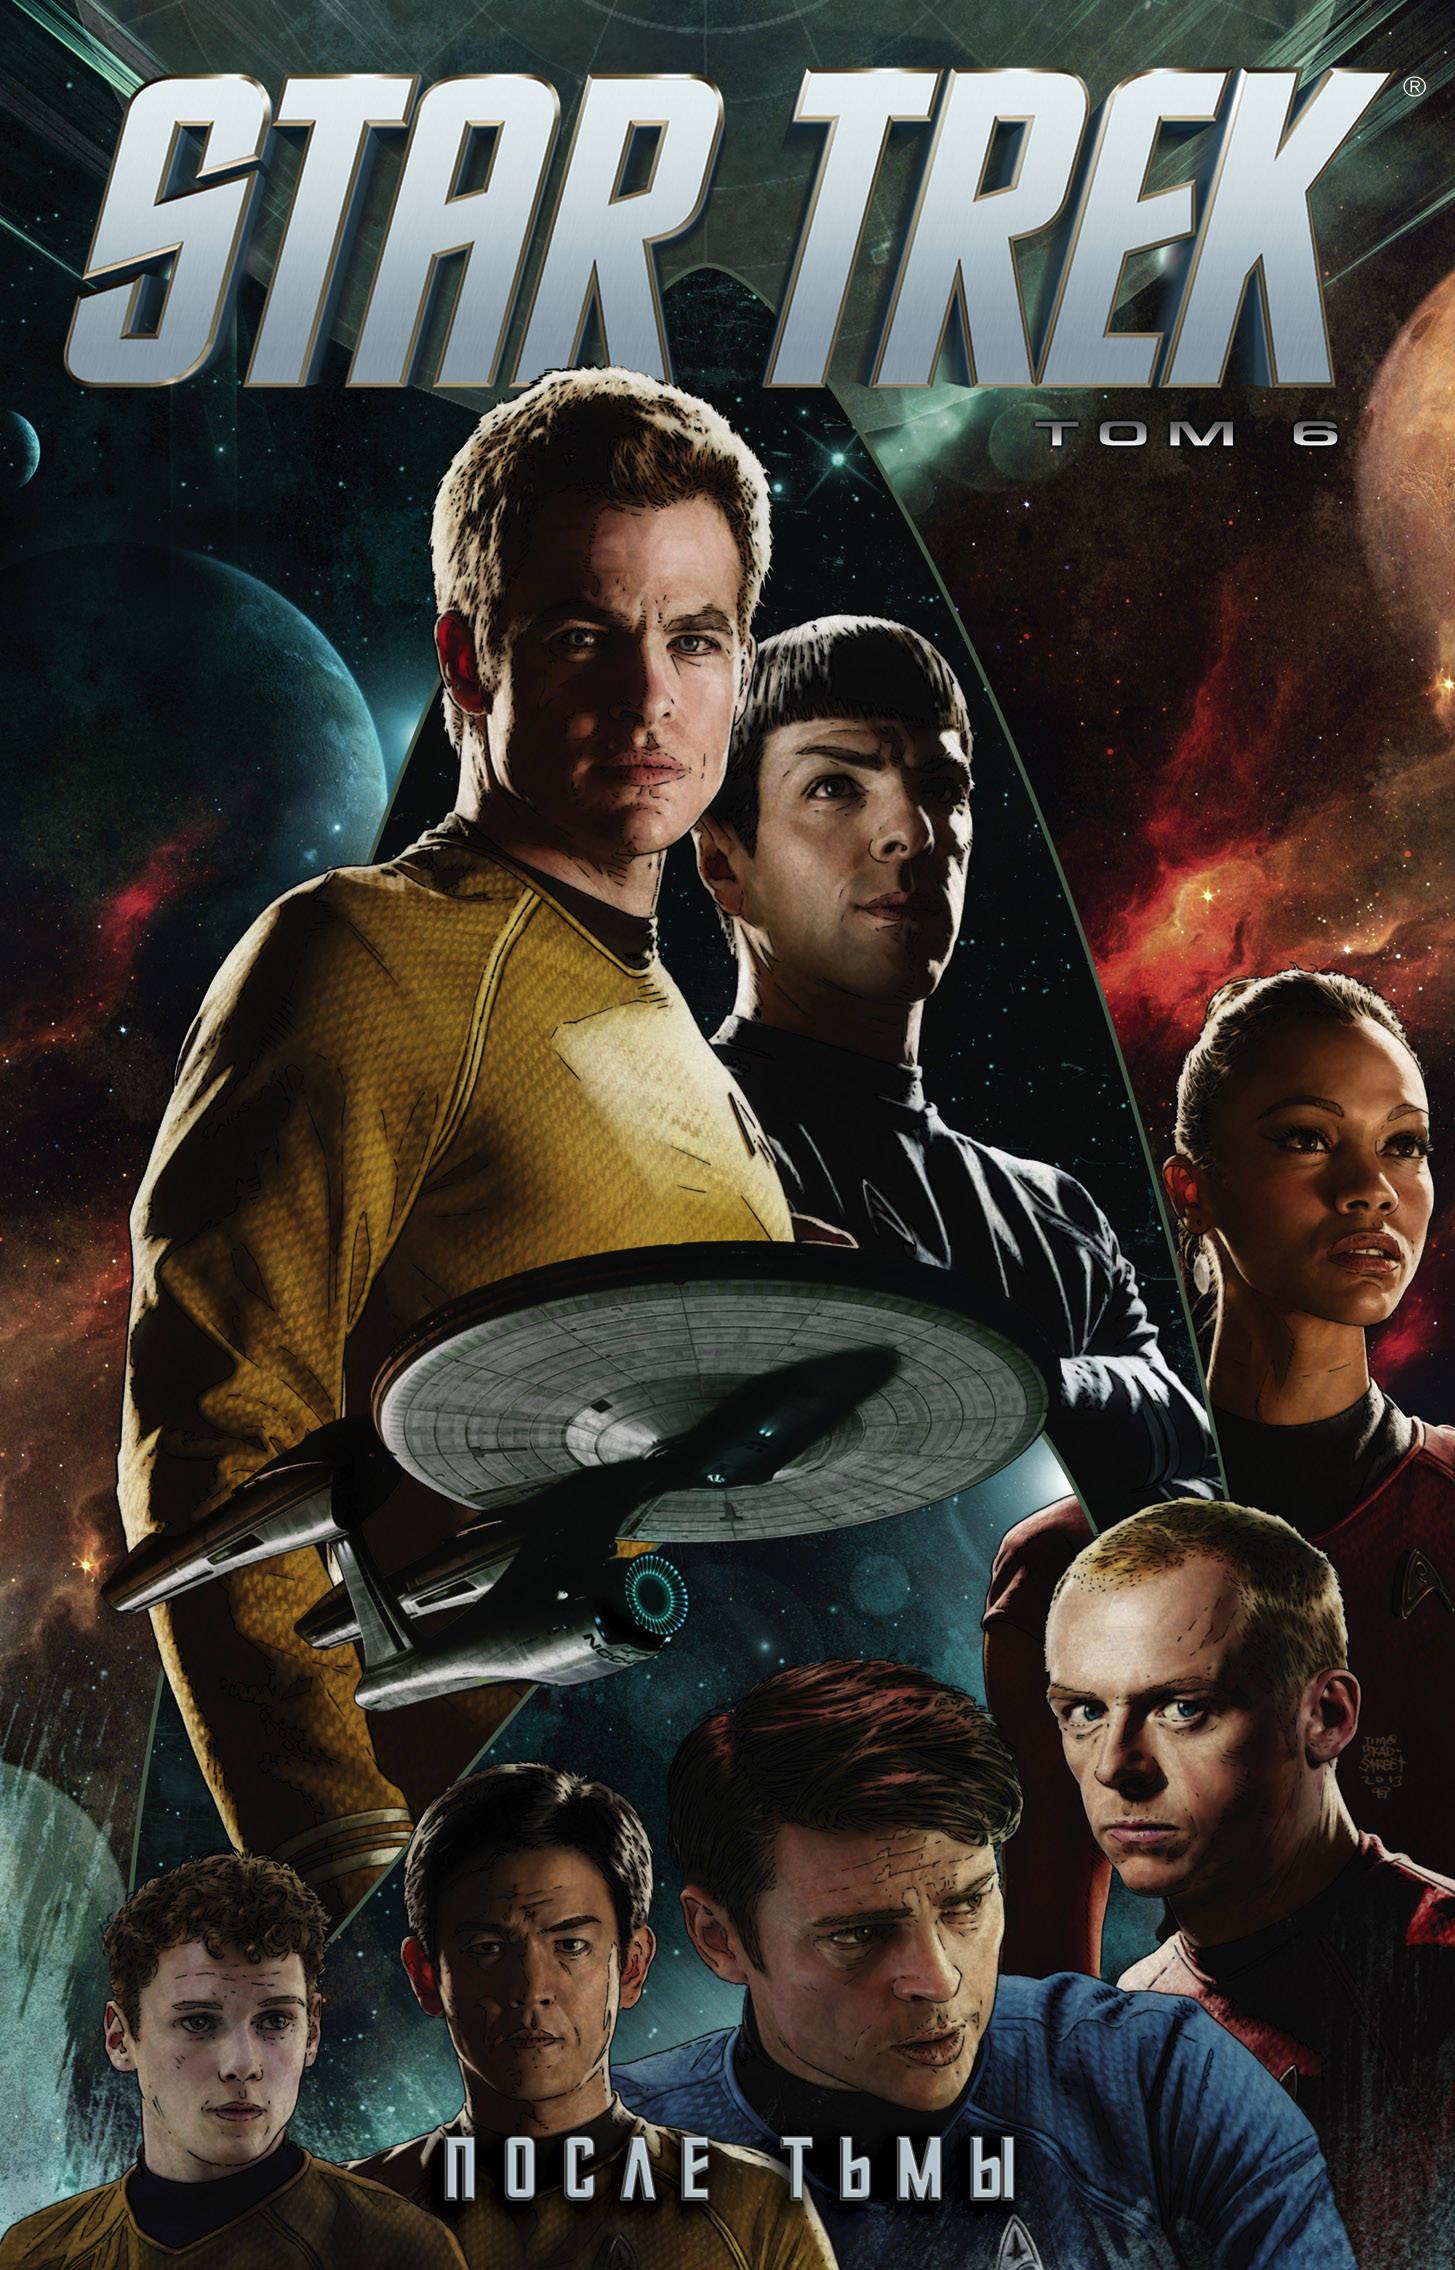 Майкл Джонсон Star Trek. Том 6. После тьмы star trek том 7 столкновение у китомира